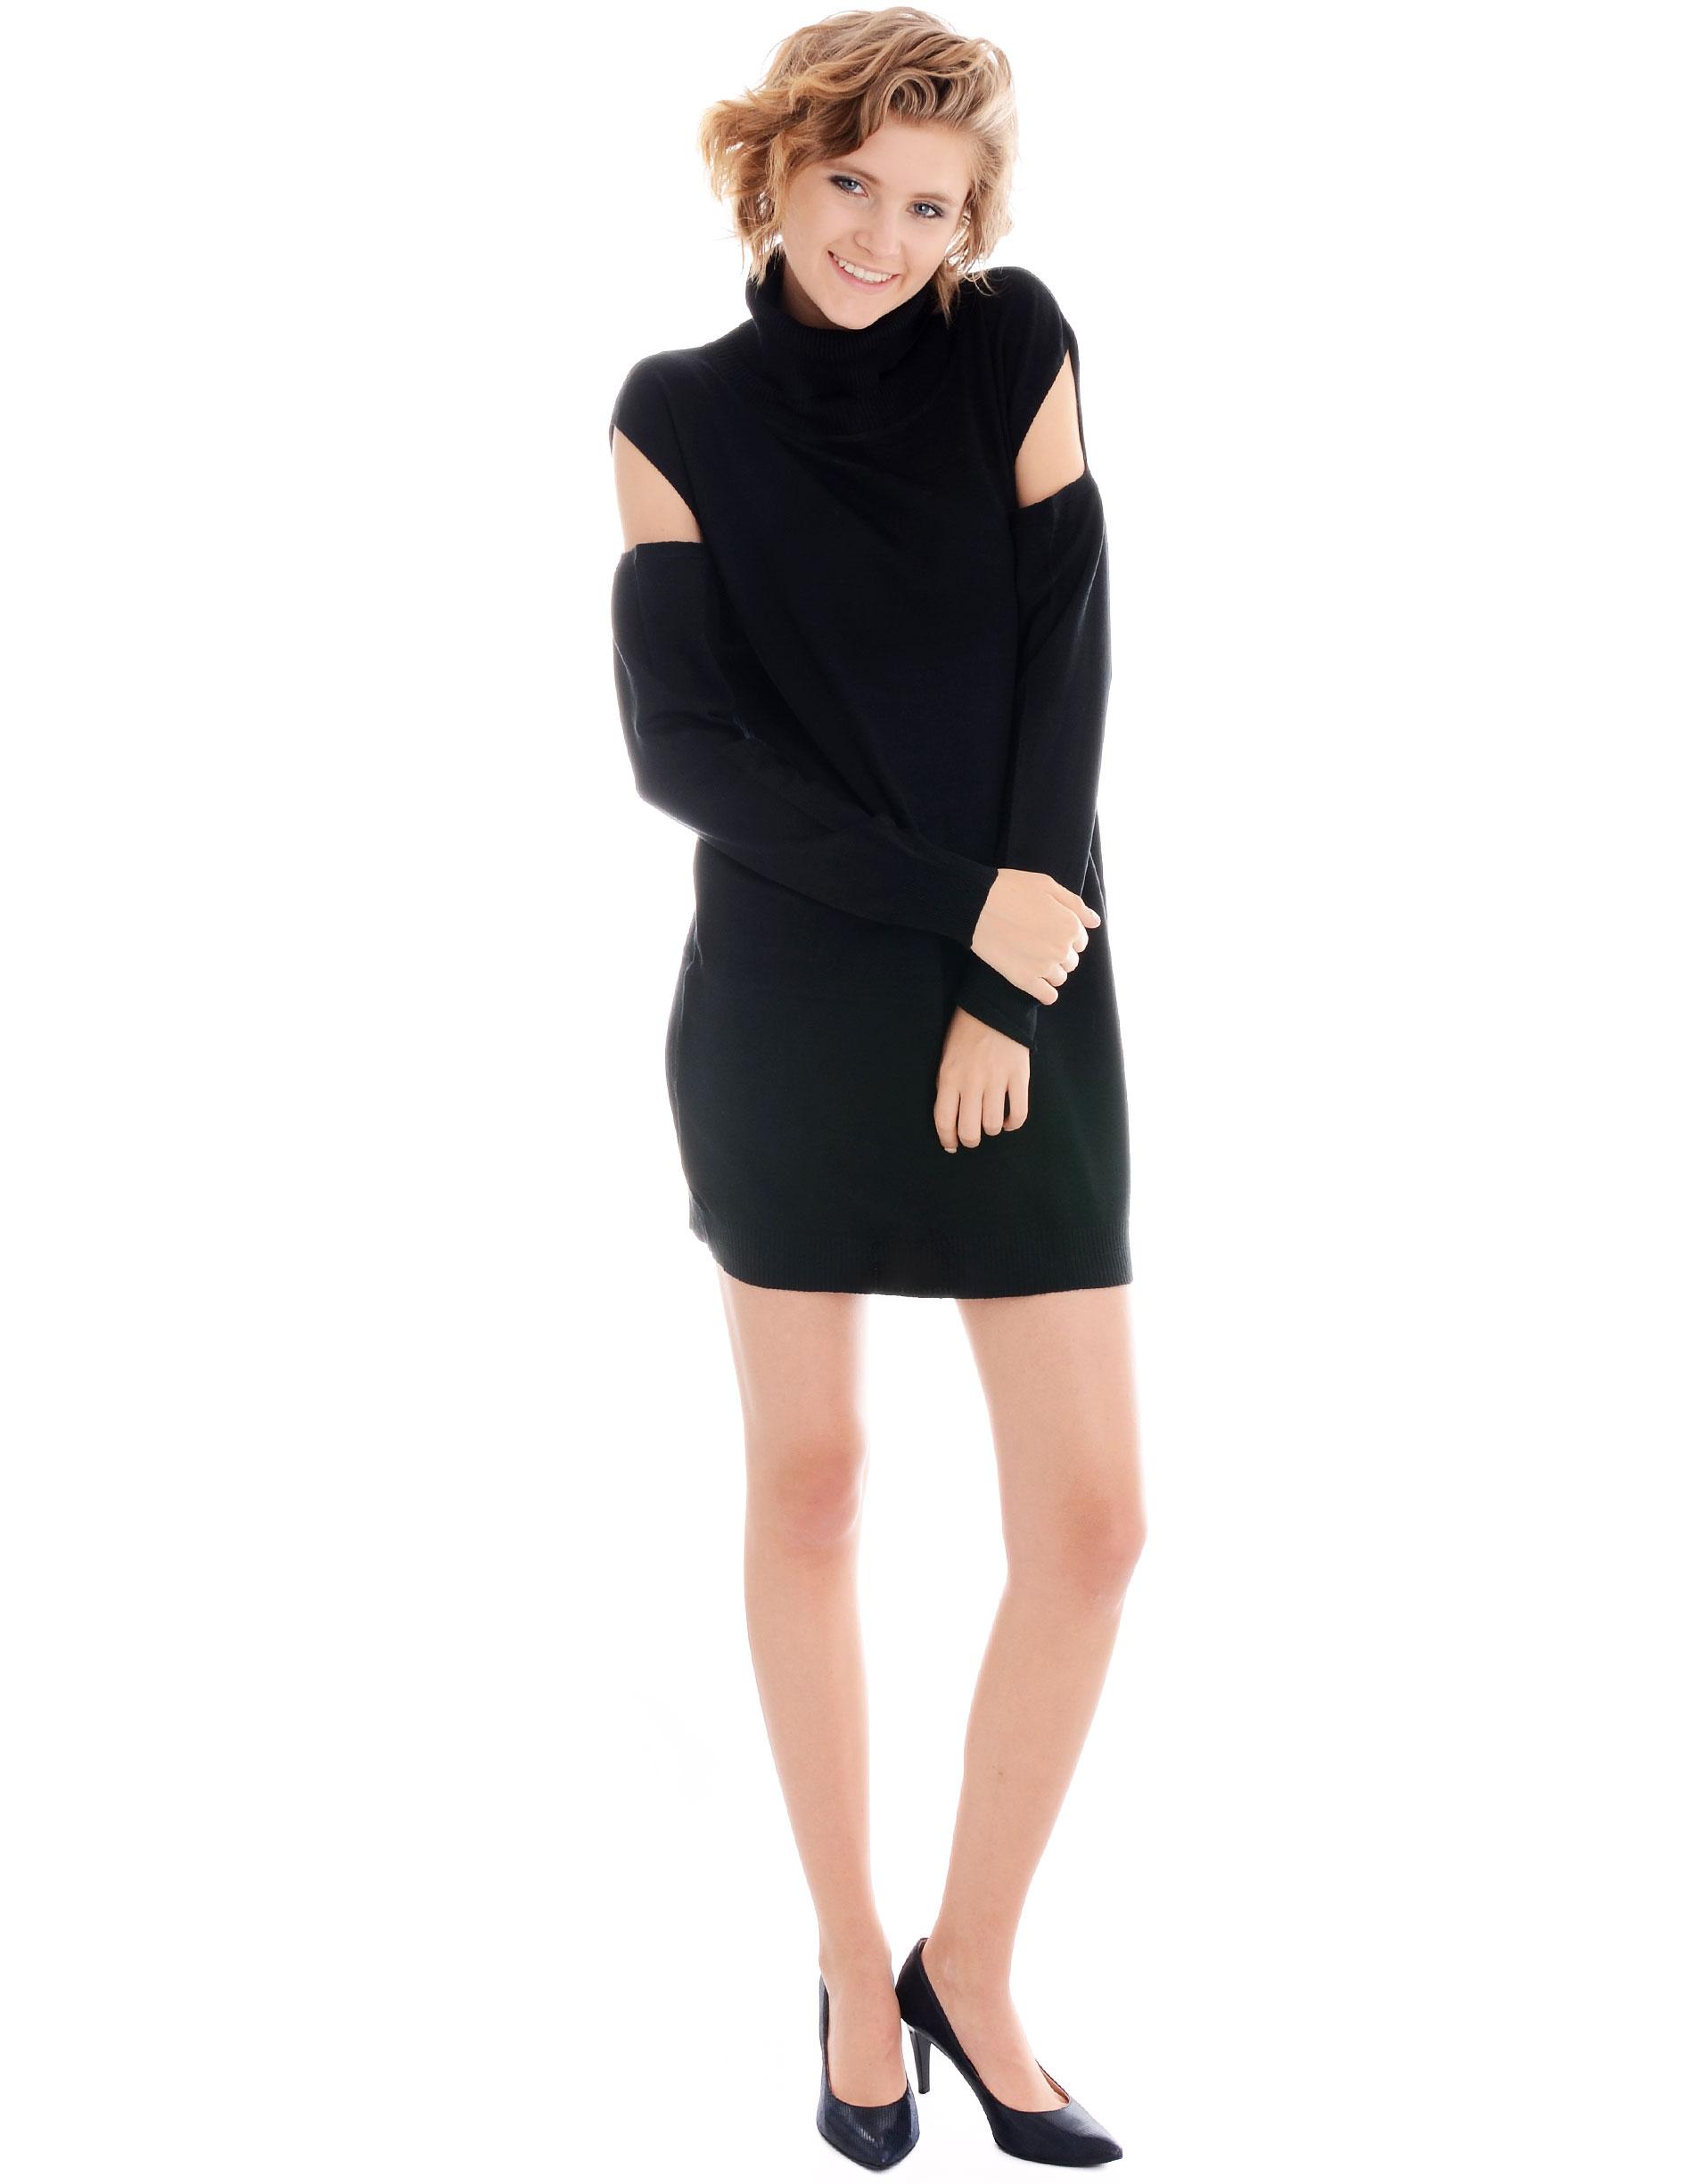 Sukienka - 79-JW5151 NER - Unisono